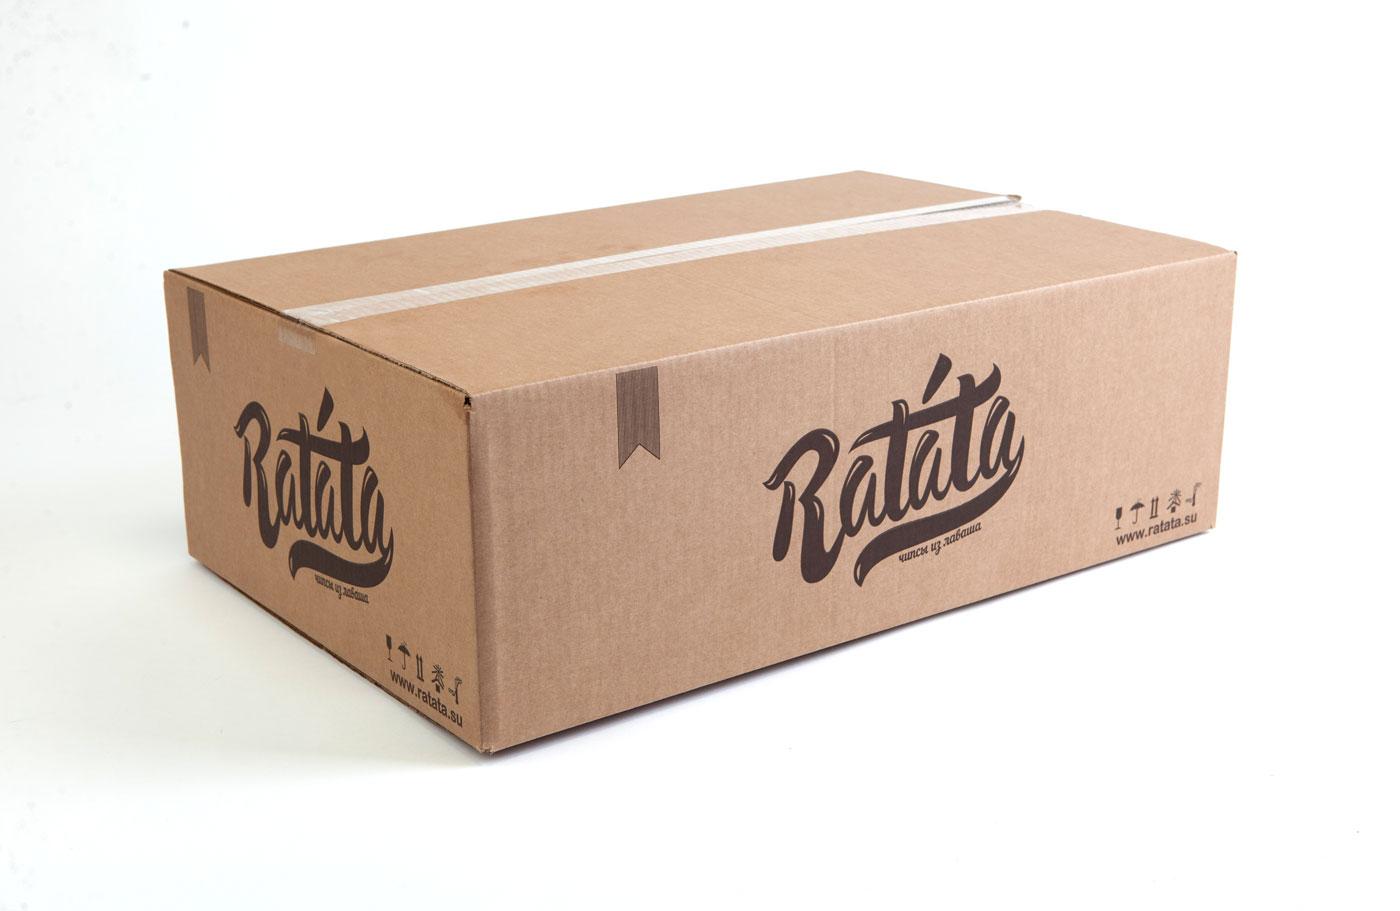 foto kasse chips Ratata